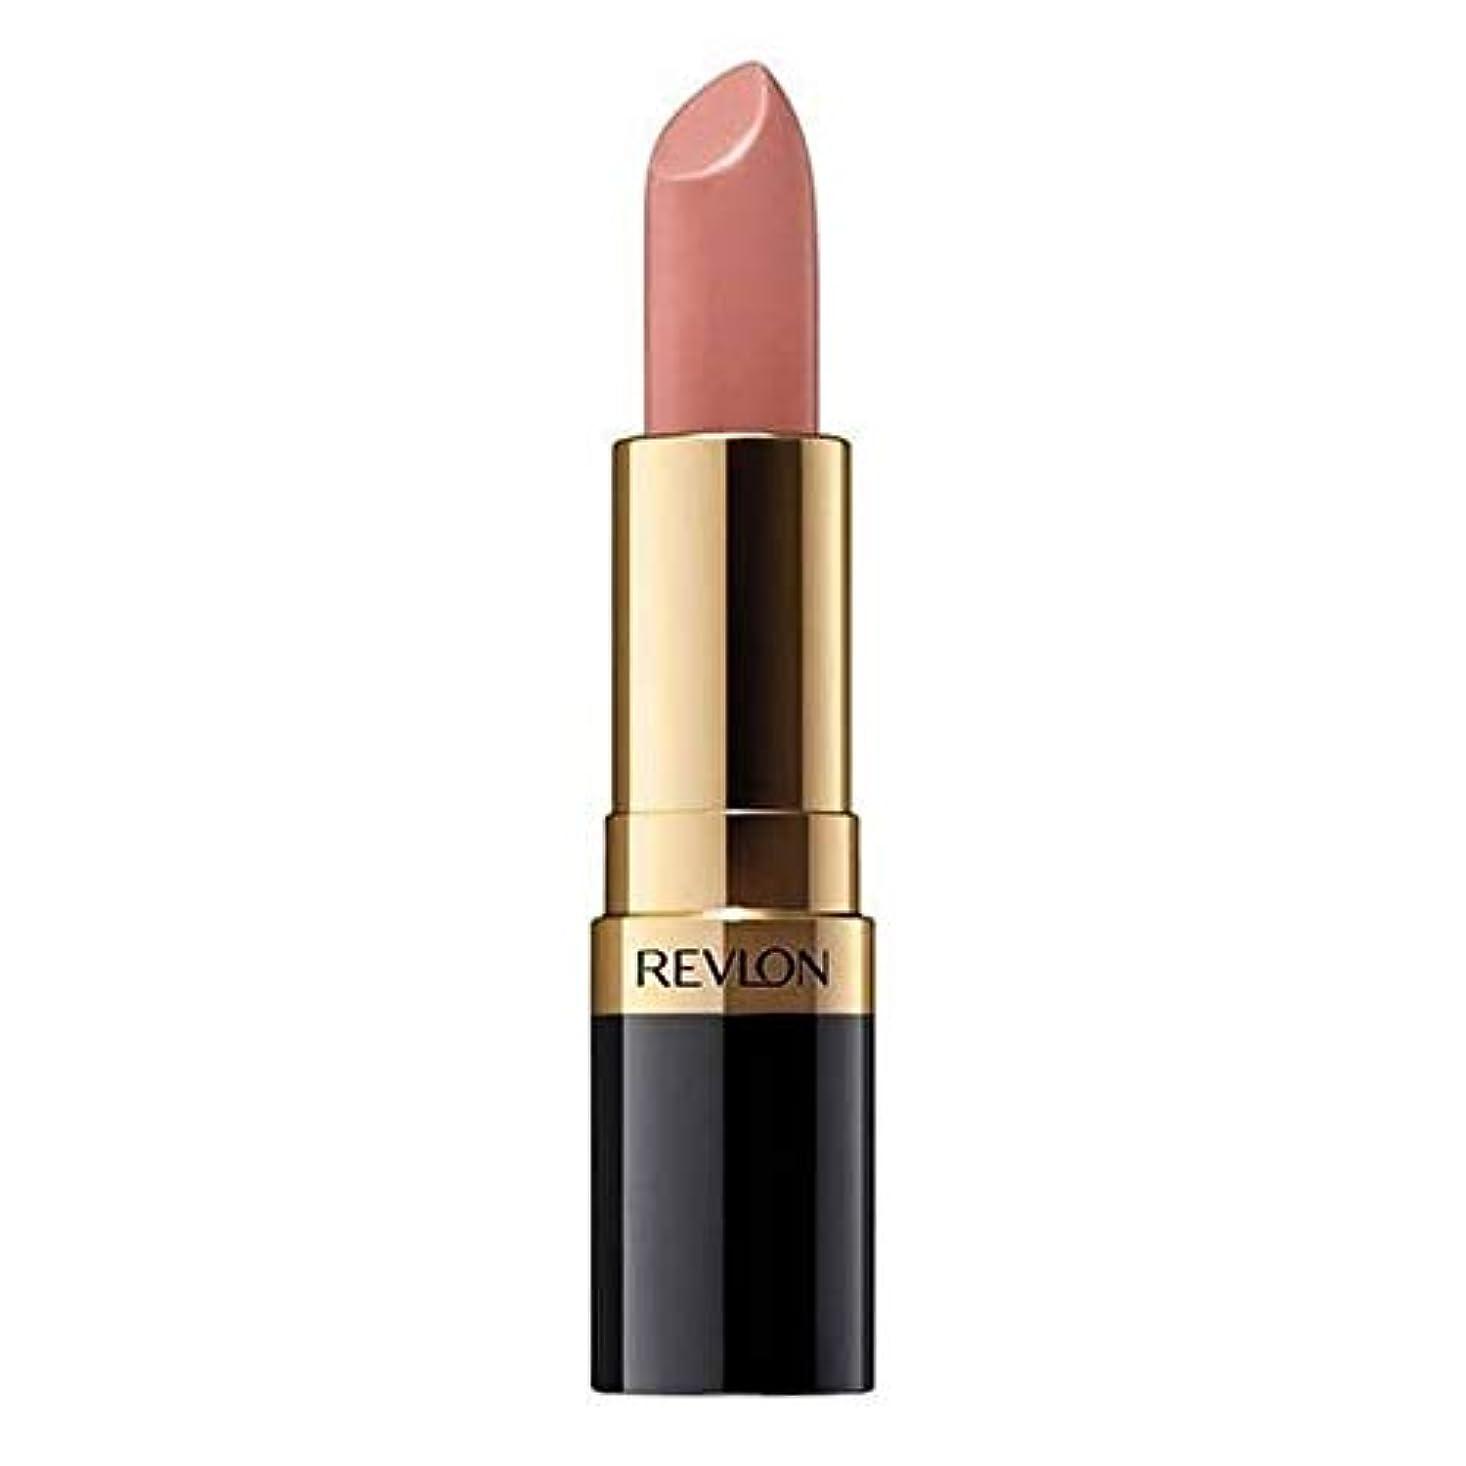 理容室もう一度僕の[Revlon ] レブロンSuperlustrous口紅裸事件 - Revlon SuperLustrous Lipstick Bare Affair [並行輸入品]